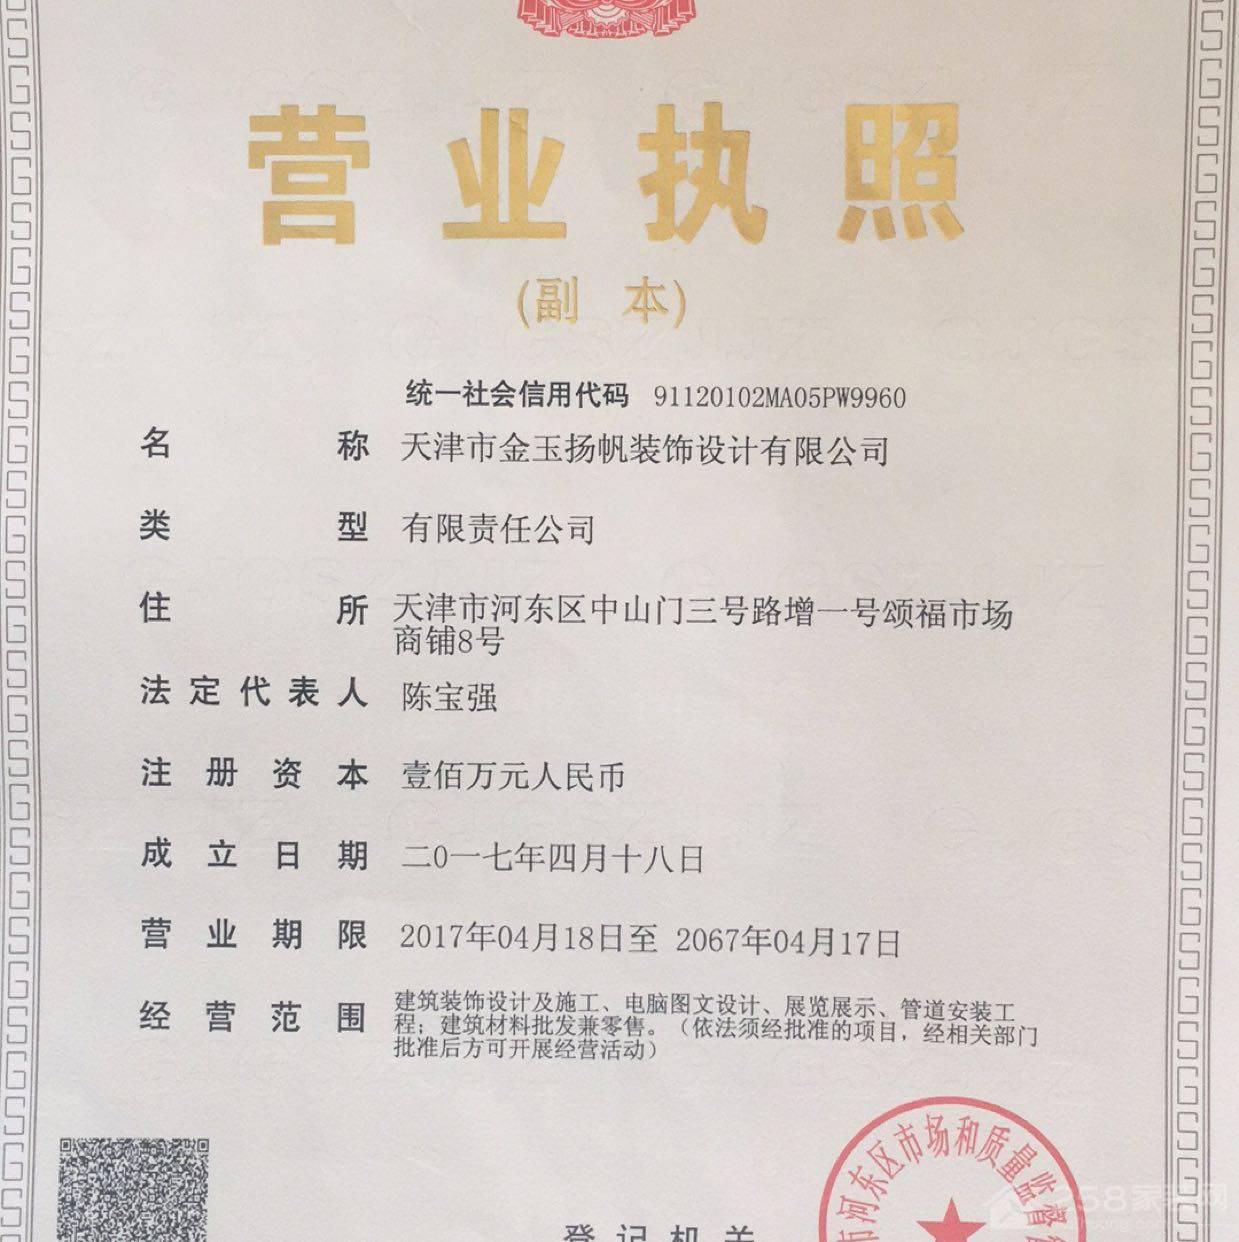 天津市金玉扬帆装饰设计有限公司